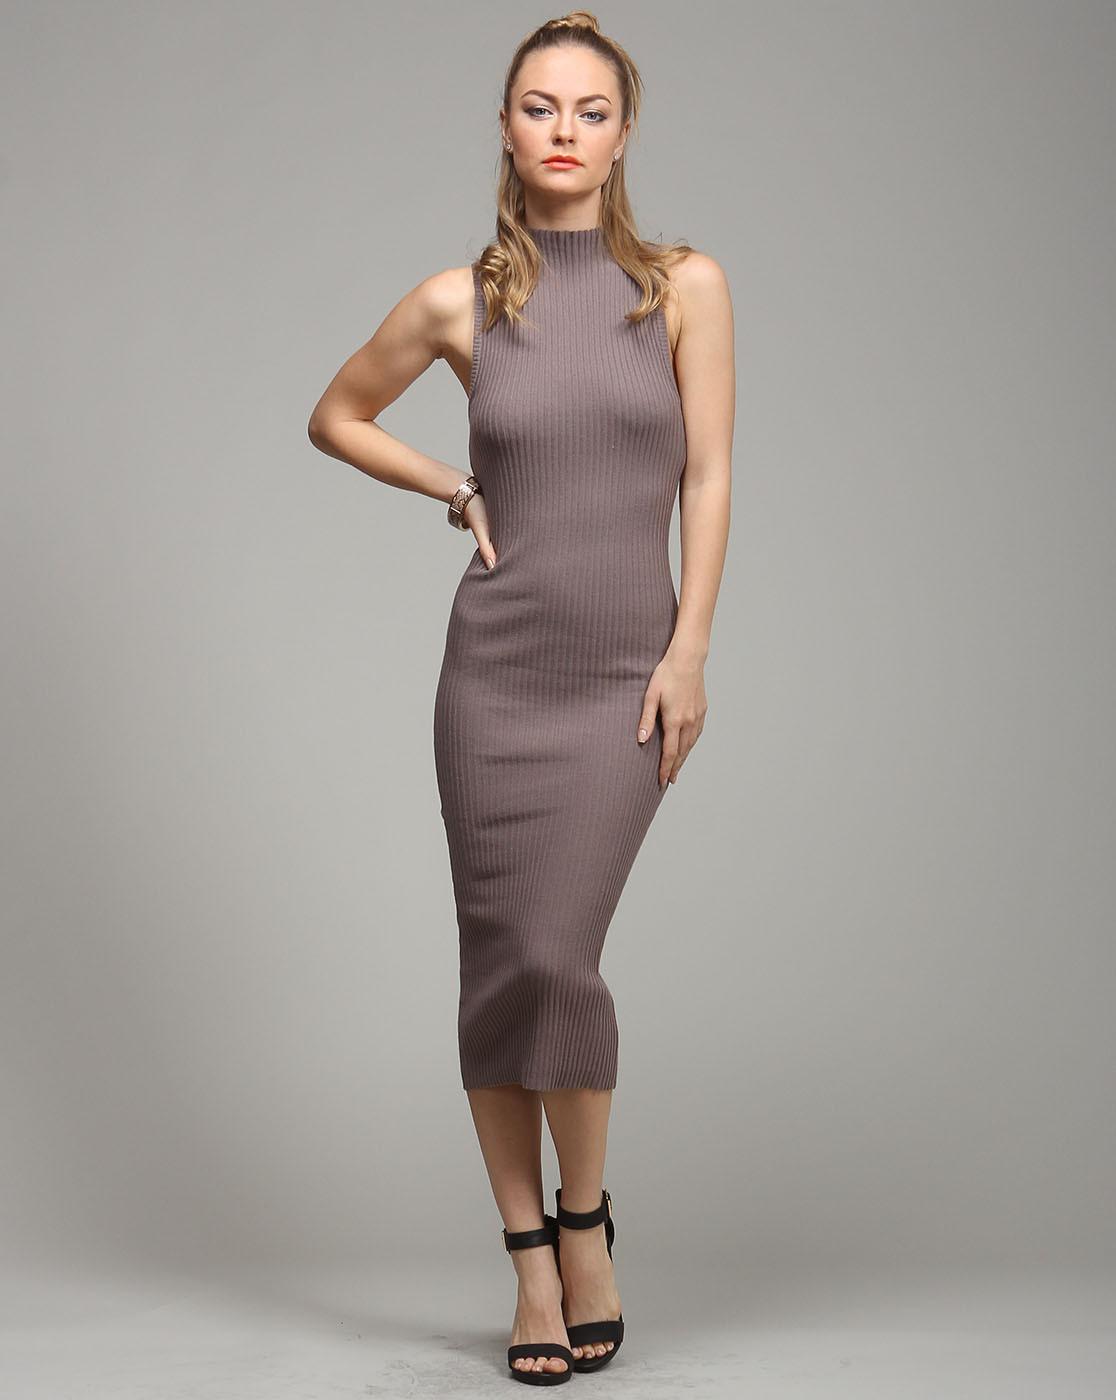 Gianna dress – the xclusiiv boutique